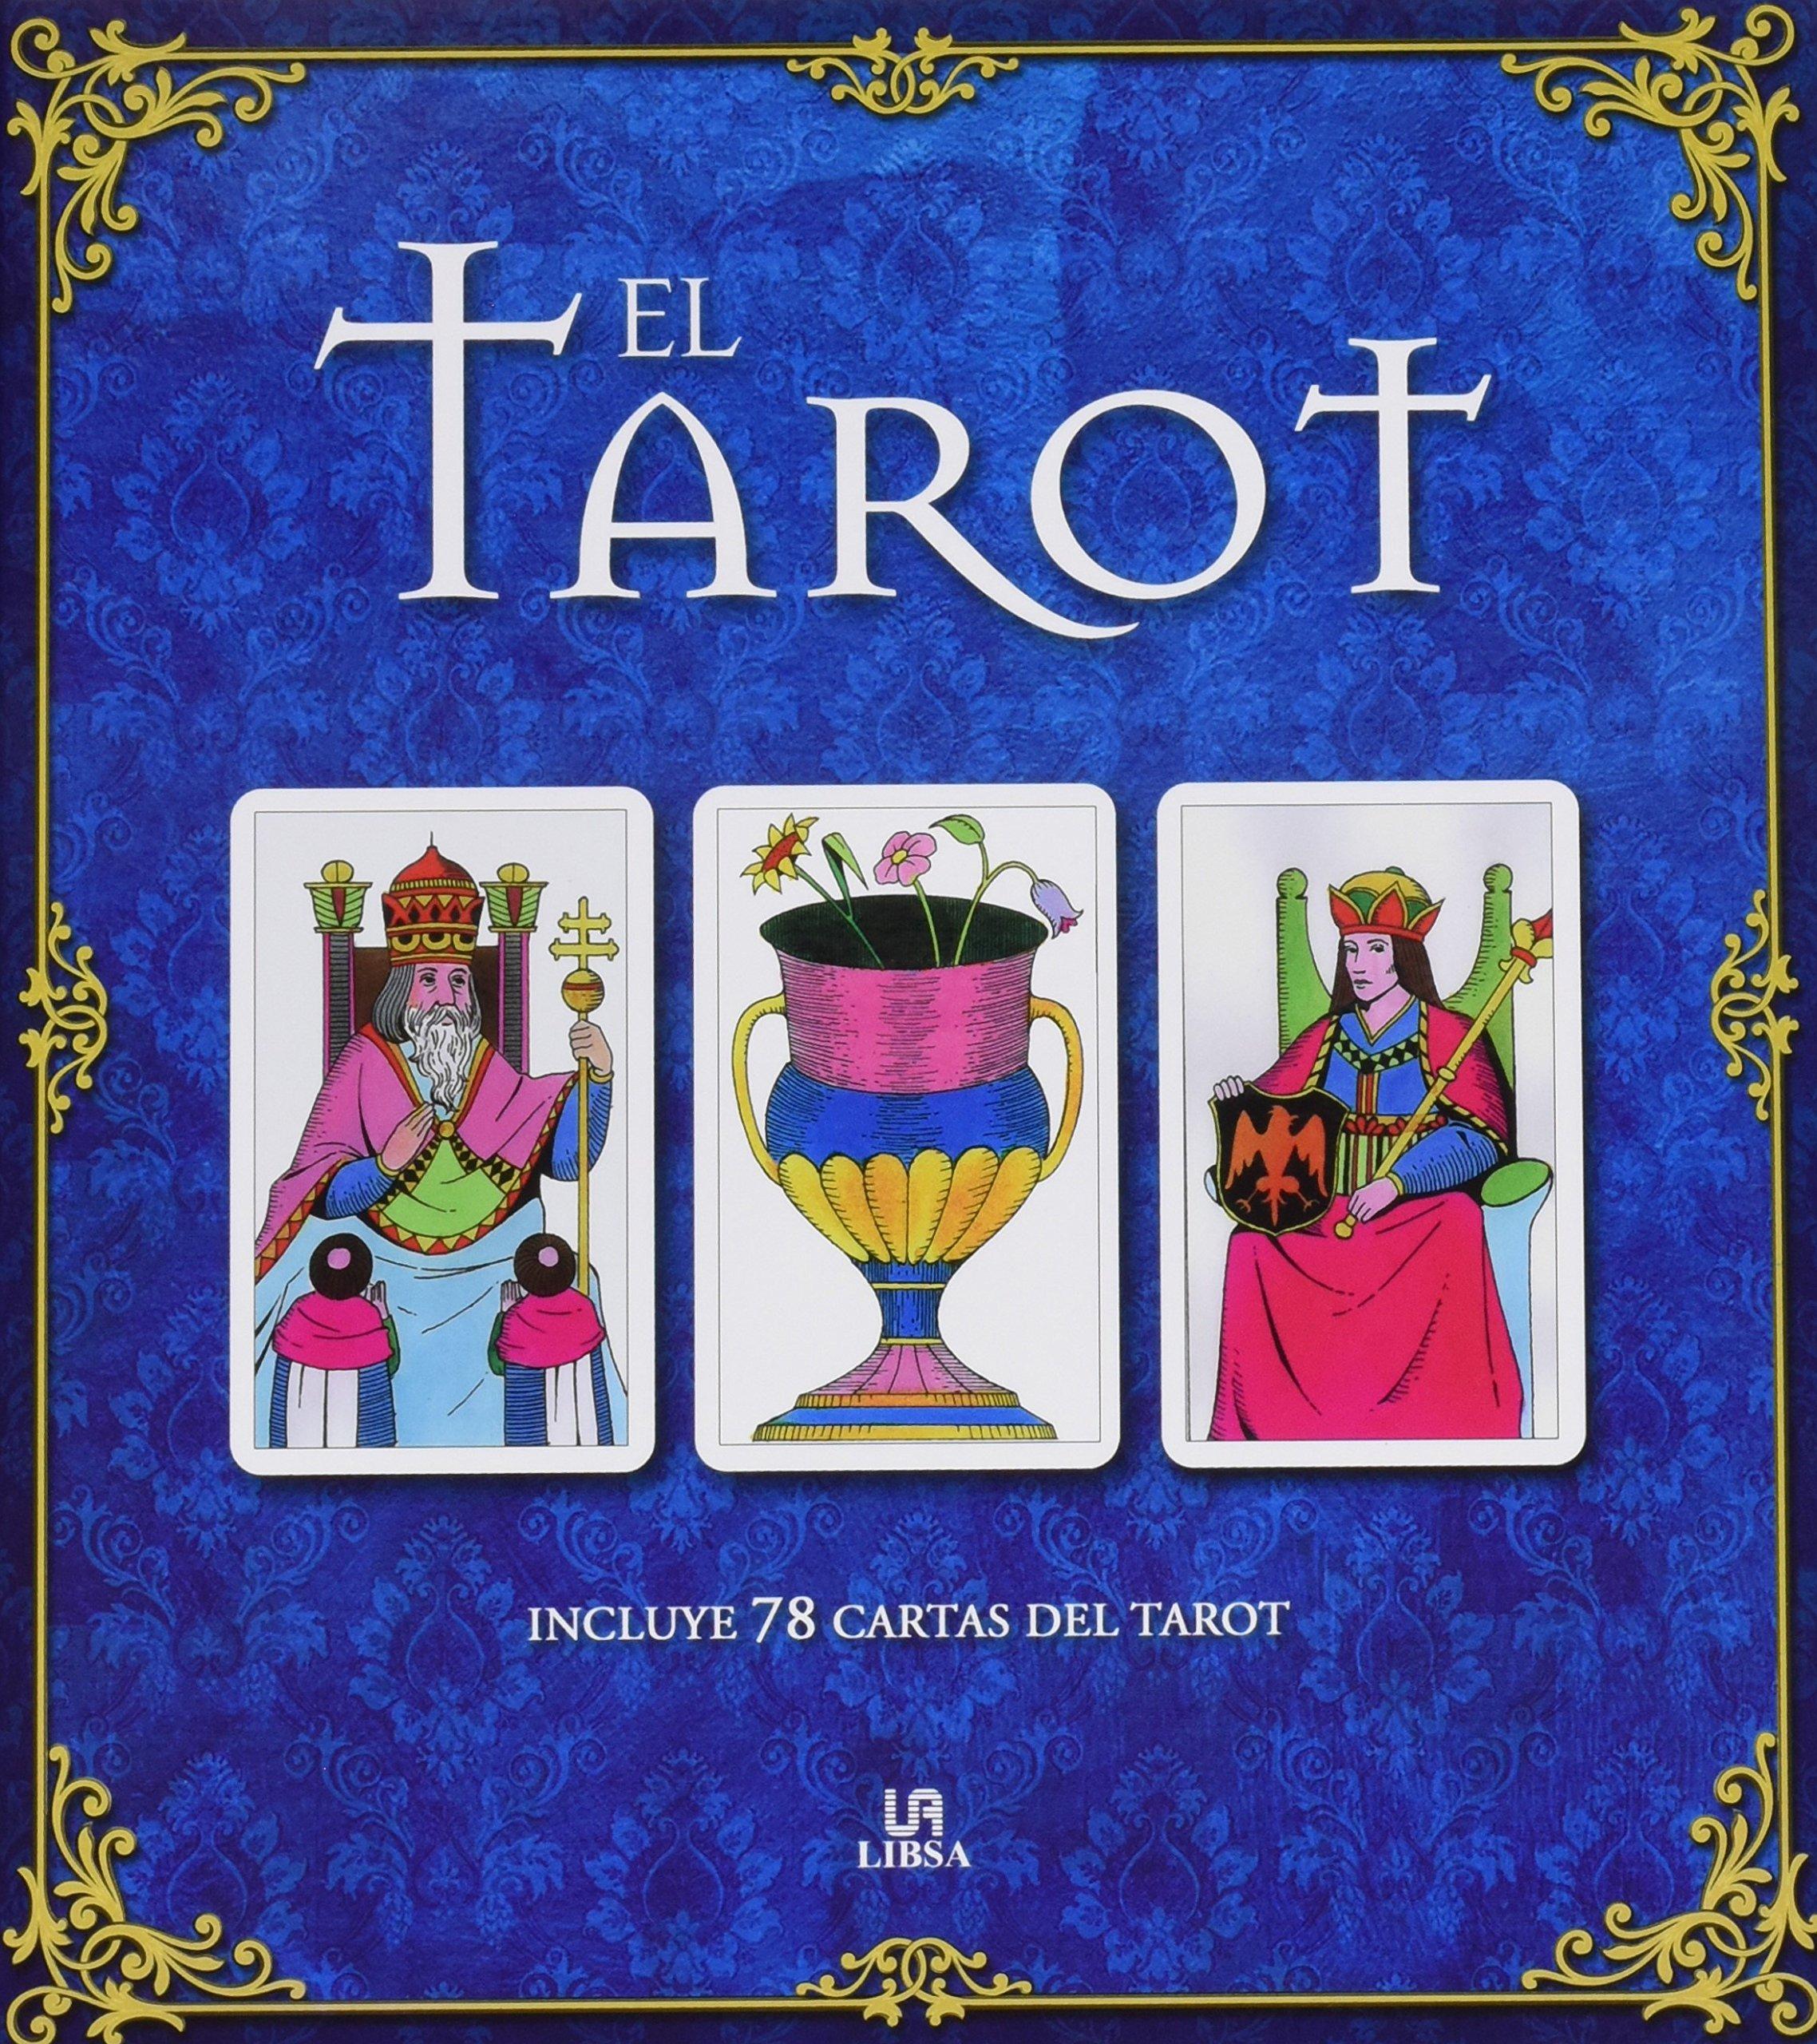 Tarot, El (Cofre Pack): Amazon.es: Meldi, Diego, Equipo Editorial: Libros